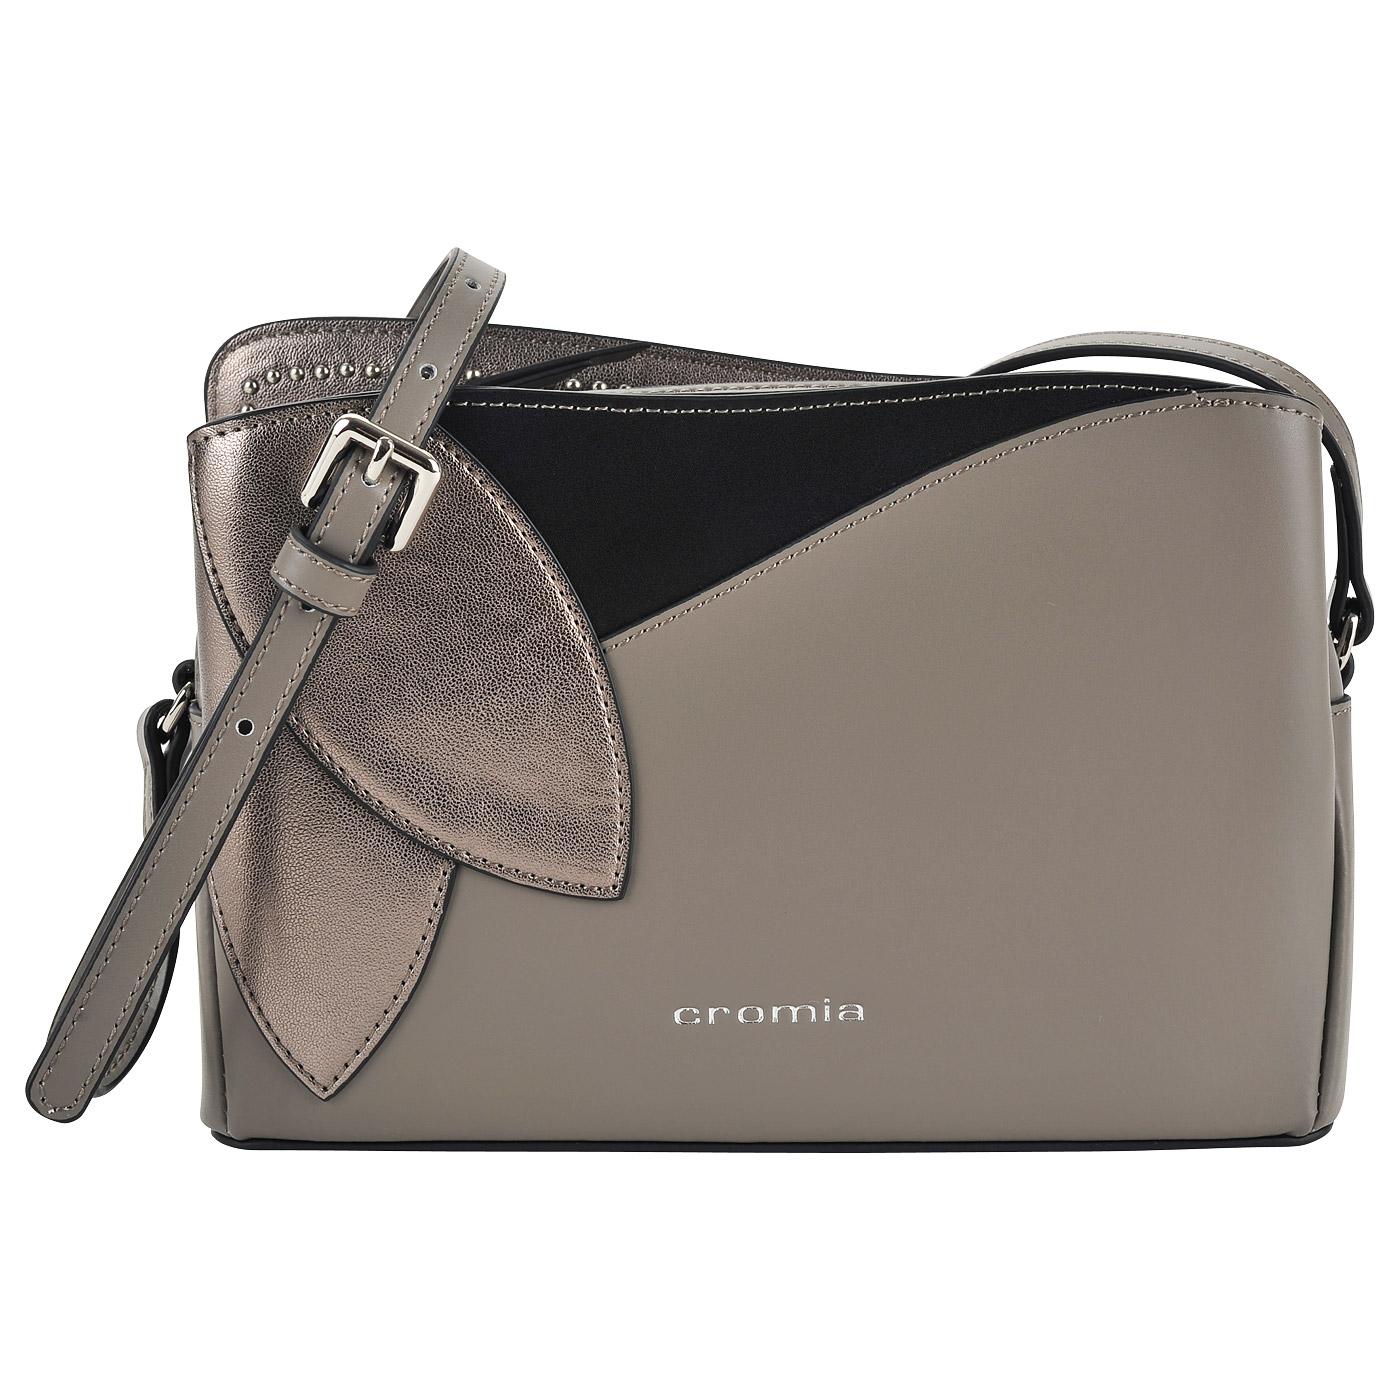 dbd74373a259 Маленькая кожаная сумка через плечо Cromia Rose 1403451_terra ...